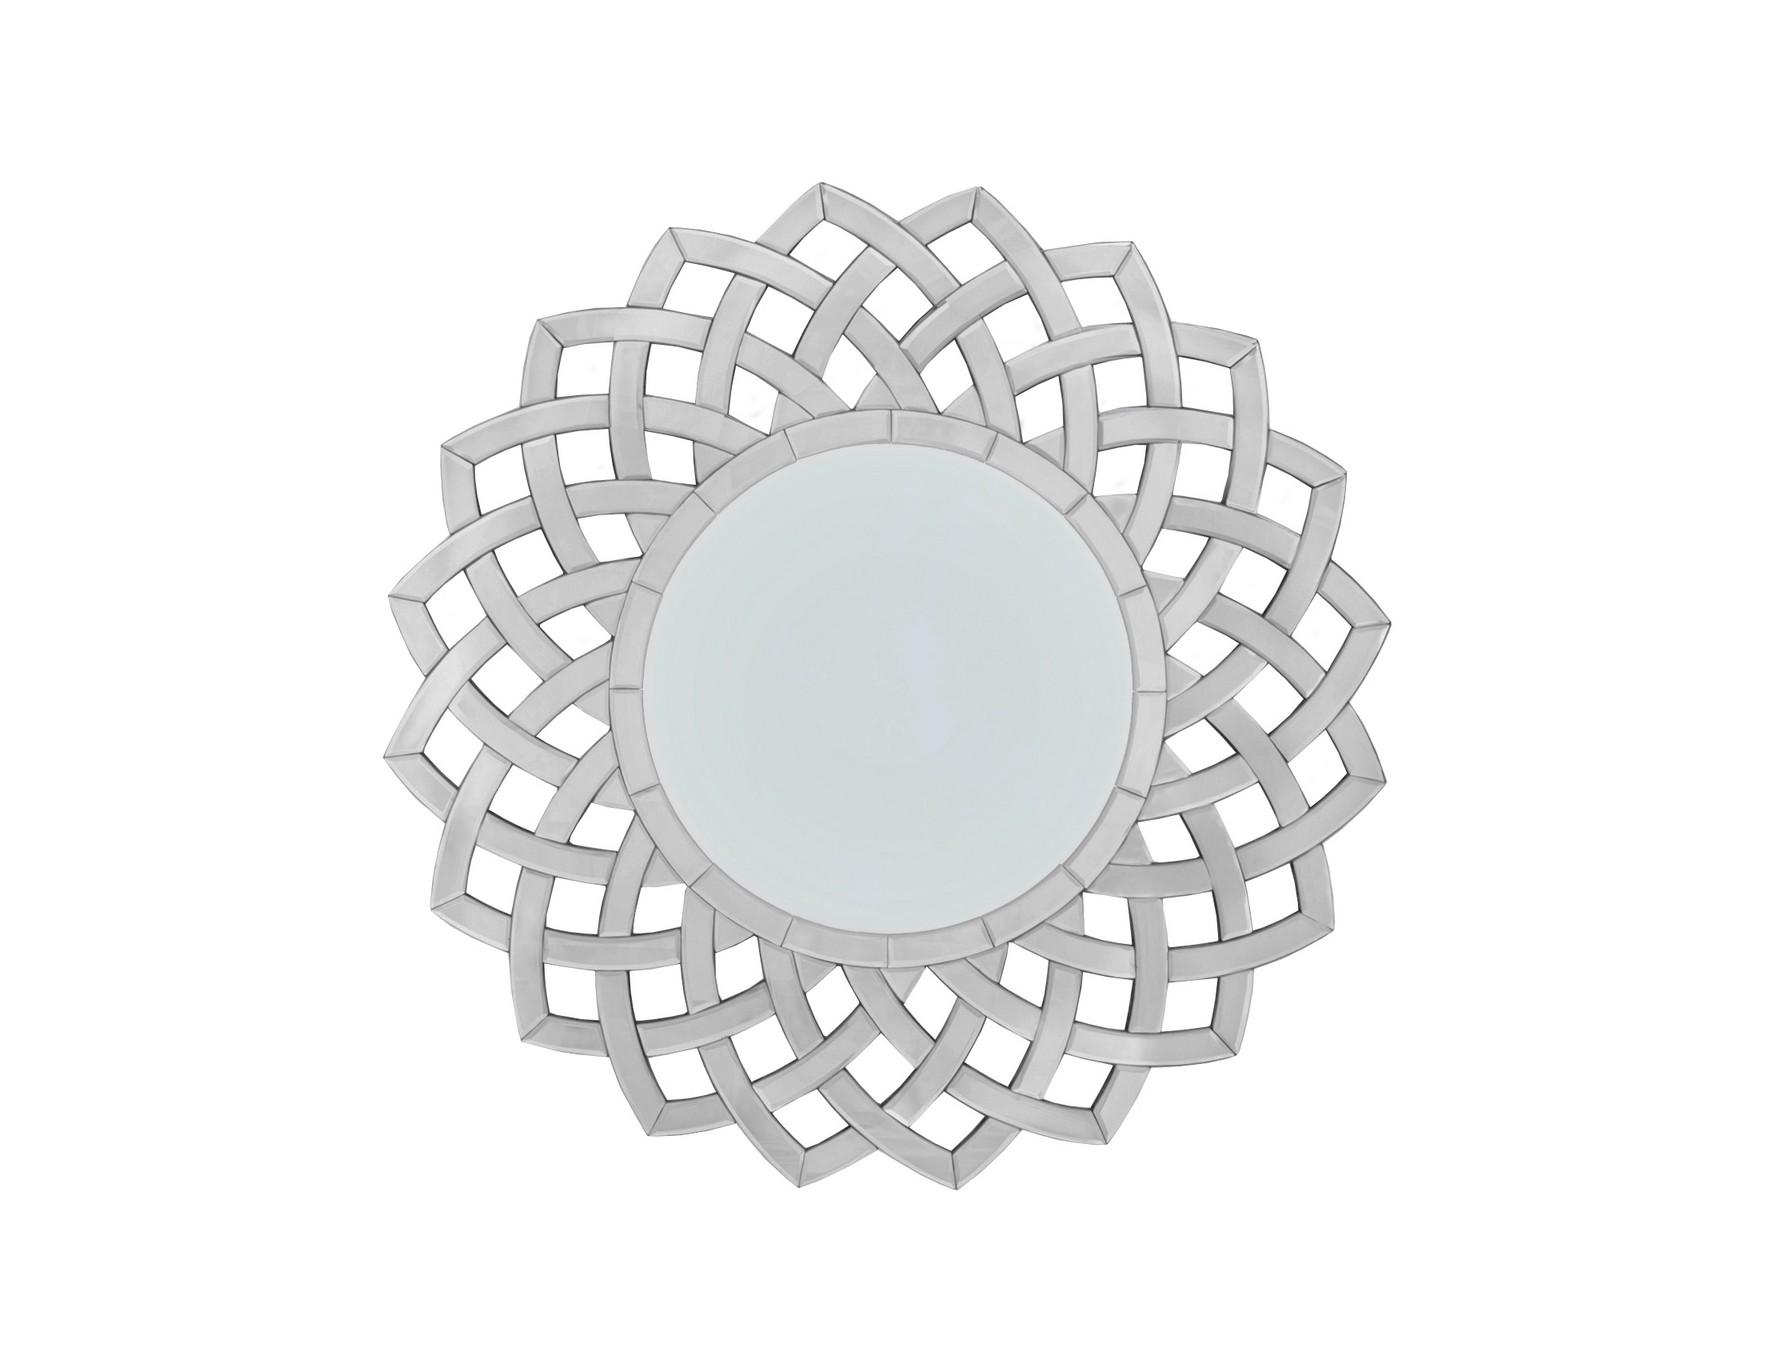 Зеркало TivonaНастенные зеркала<br>Материалы: МДФ, стекло<br><br>Material: МДФ<br>Width см: 89,5<br>Depth см: 1,9<br>Height см: 89,5